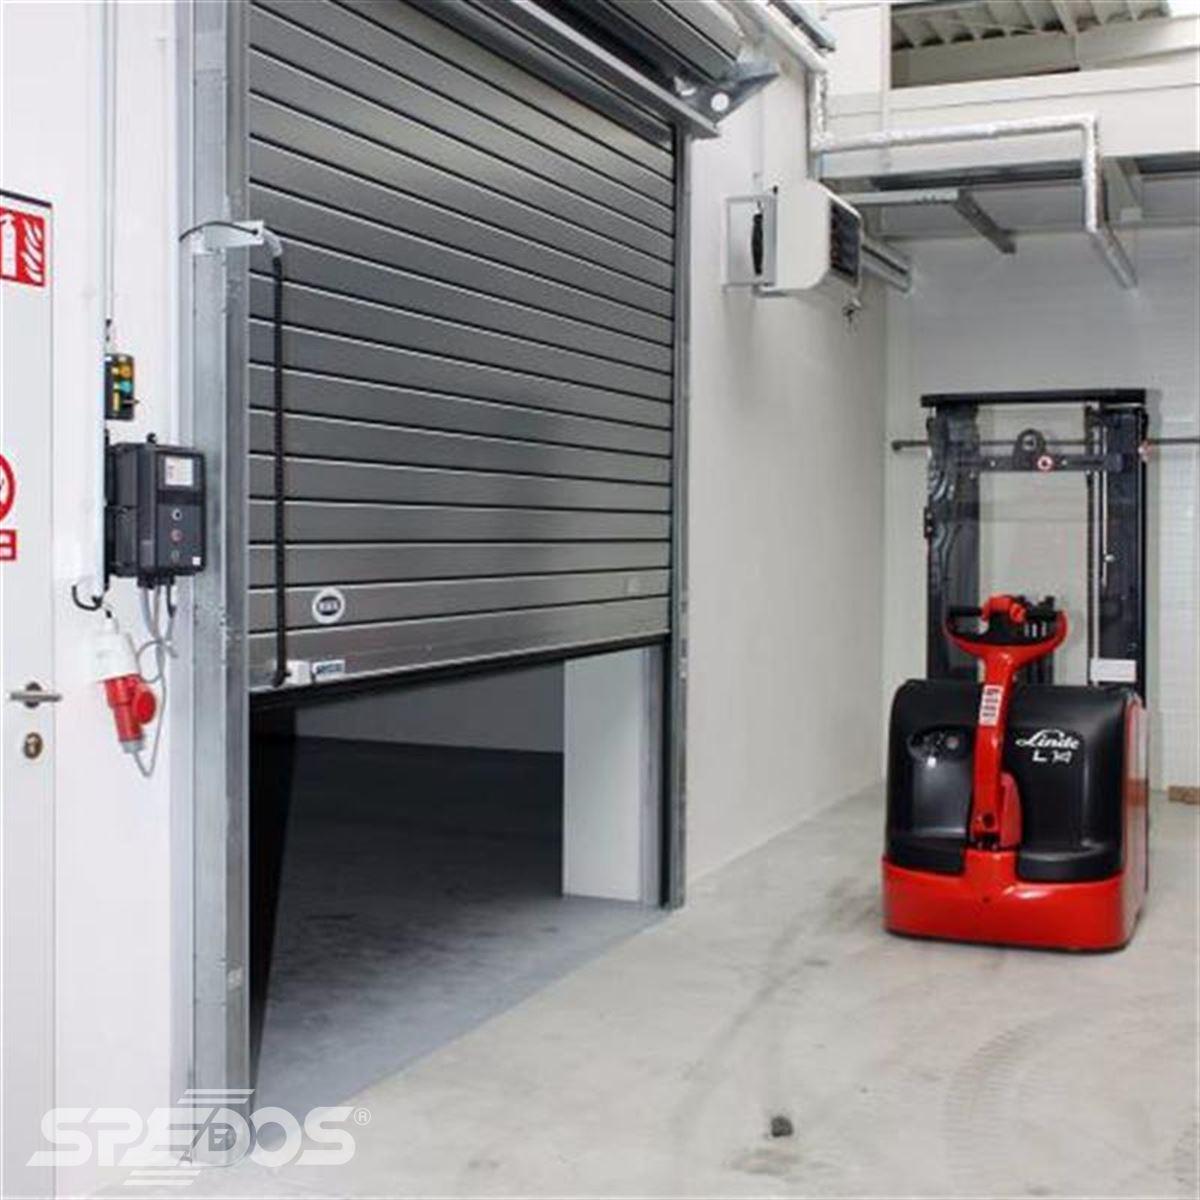 Průmyslová rolovací vrata reference 5M